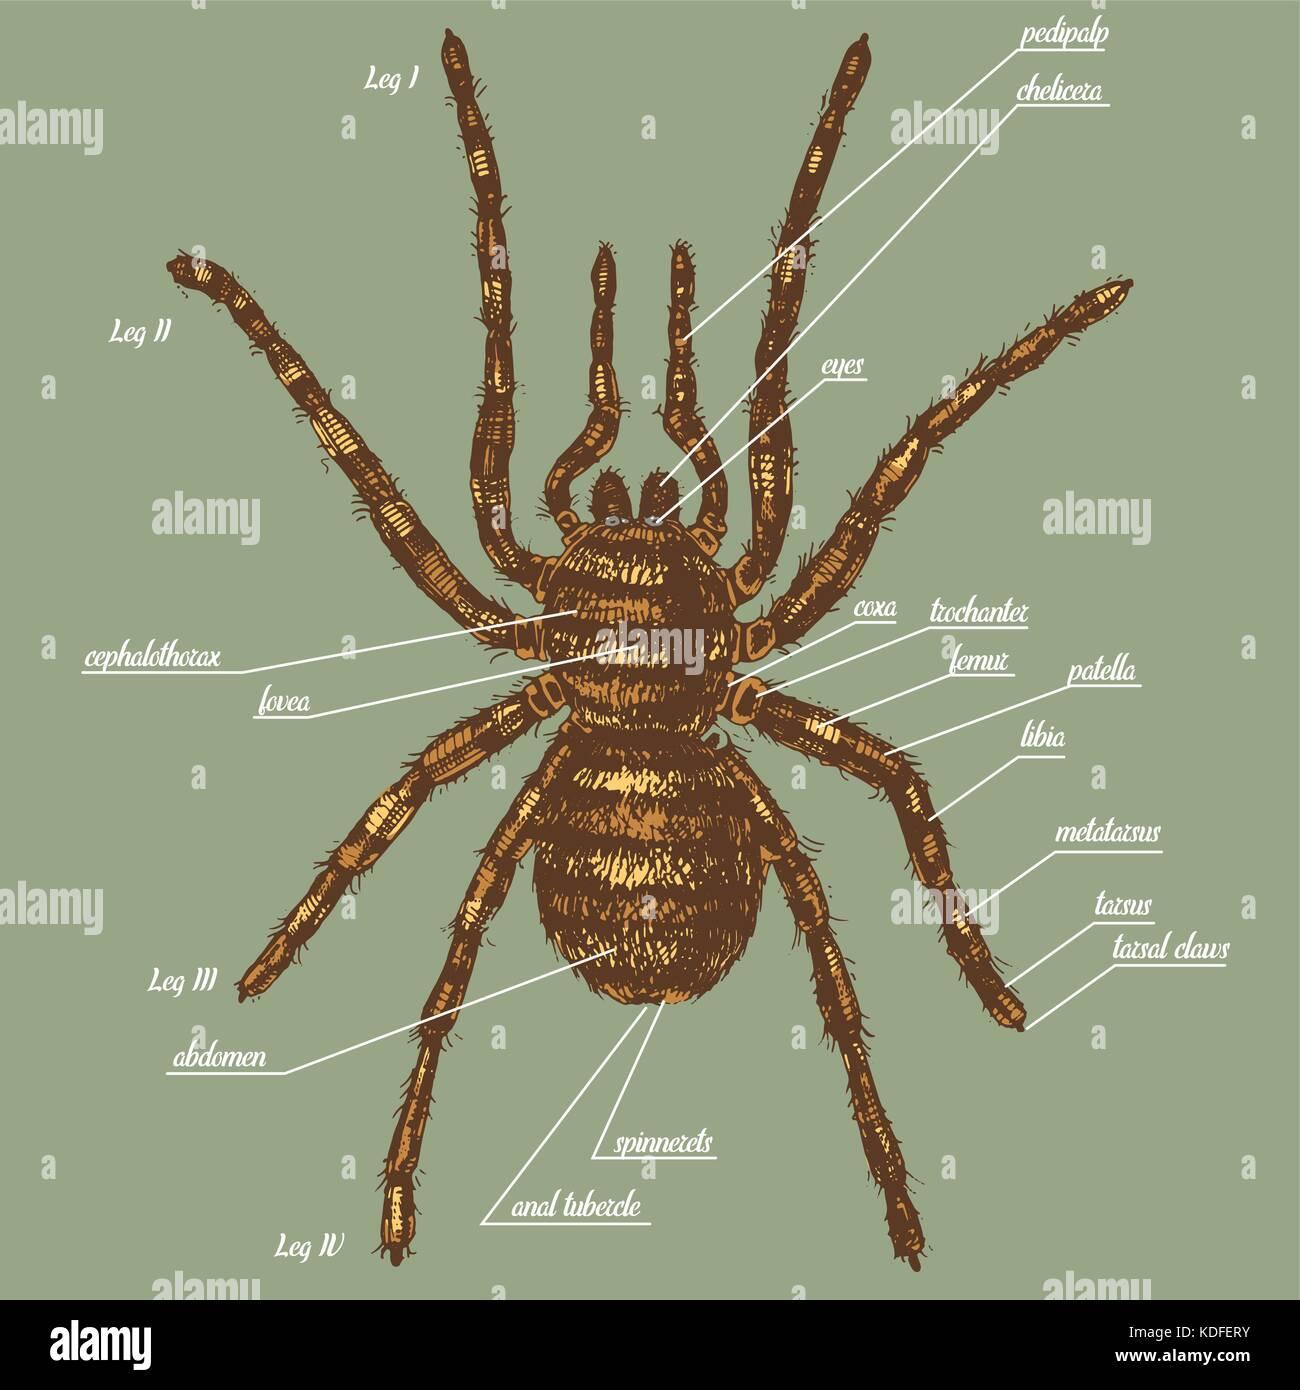 Ilustración de la anatomía de una araña incluir todos los nombres de ...